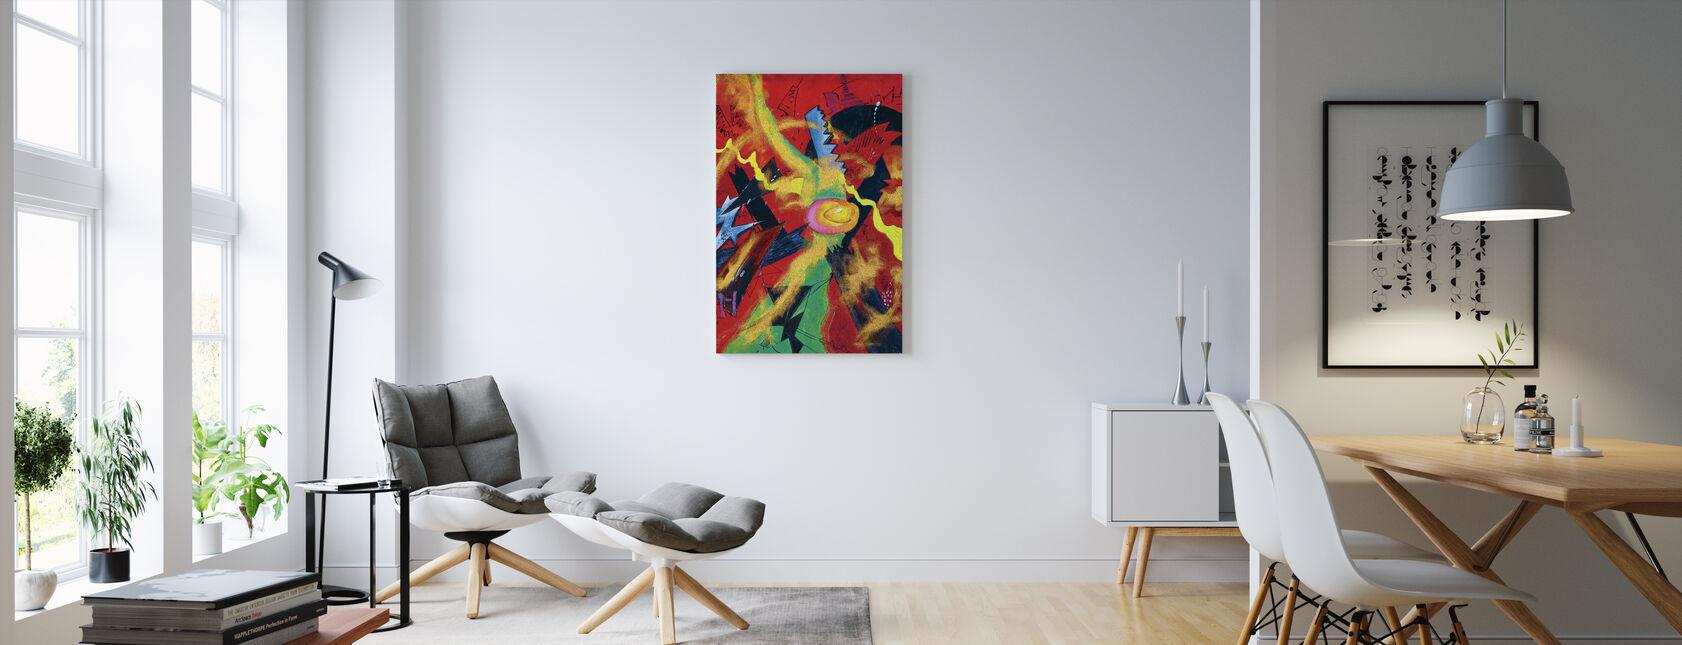 Tiener - Canvas print - Woonkamer